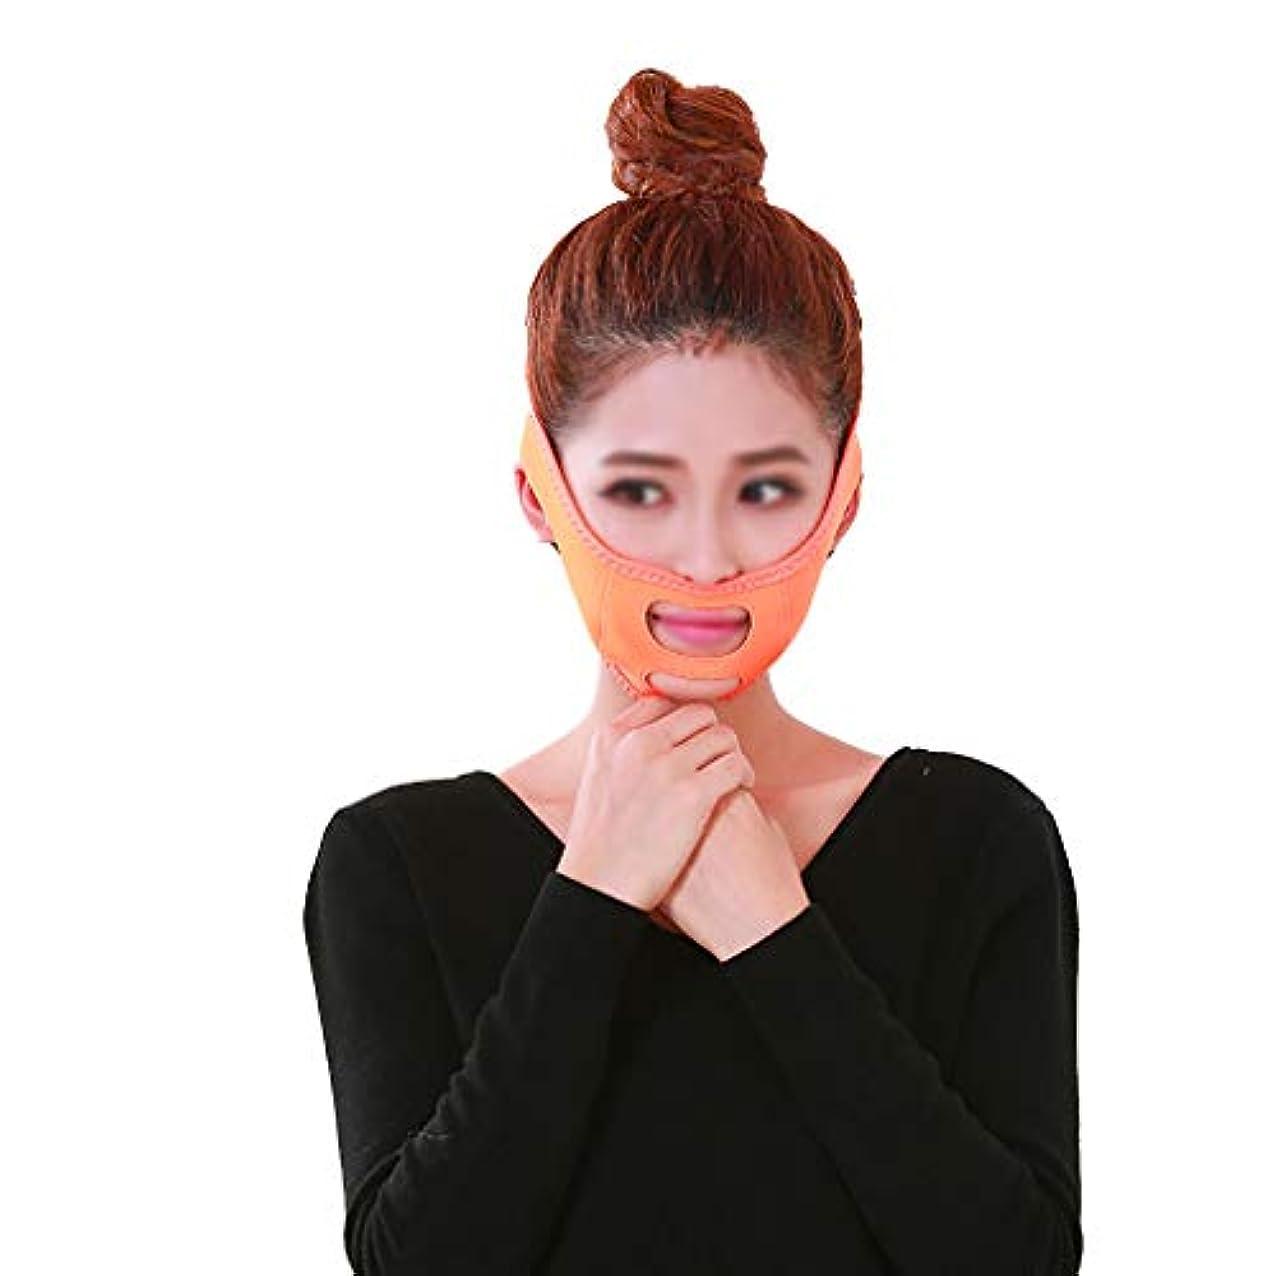 ラフレシアアルノルディ一生共和国フェイスリフトフェイシャル、フェイシャルマスクVフェイスマスクタイトな肌のリラクゼーションを防ぐVフェイスアーティファクトフェイスリフト包帯フェイスケア (Color : Orange)